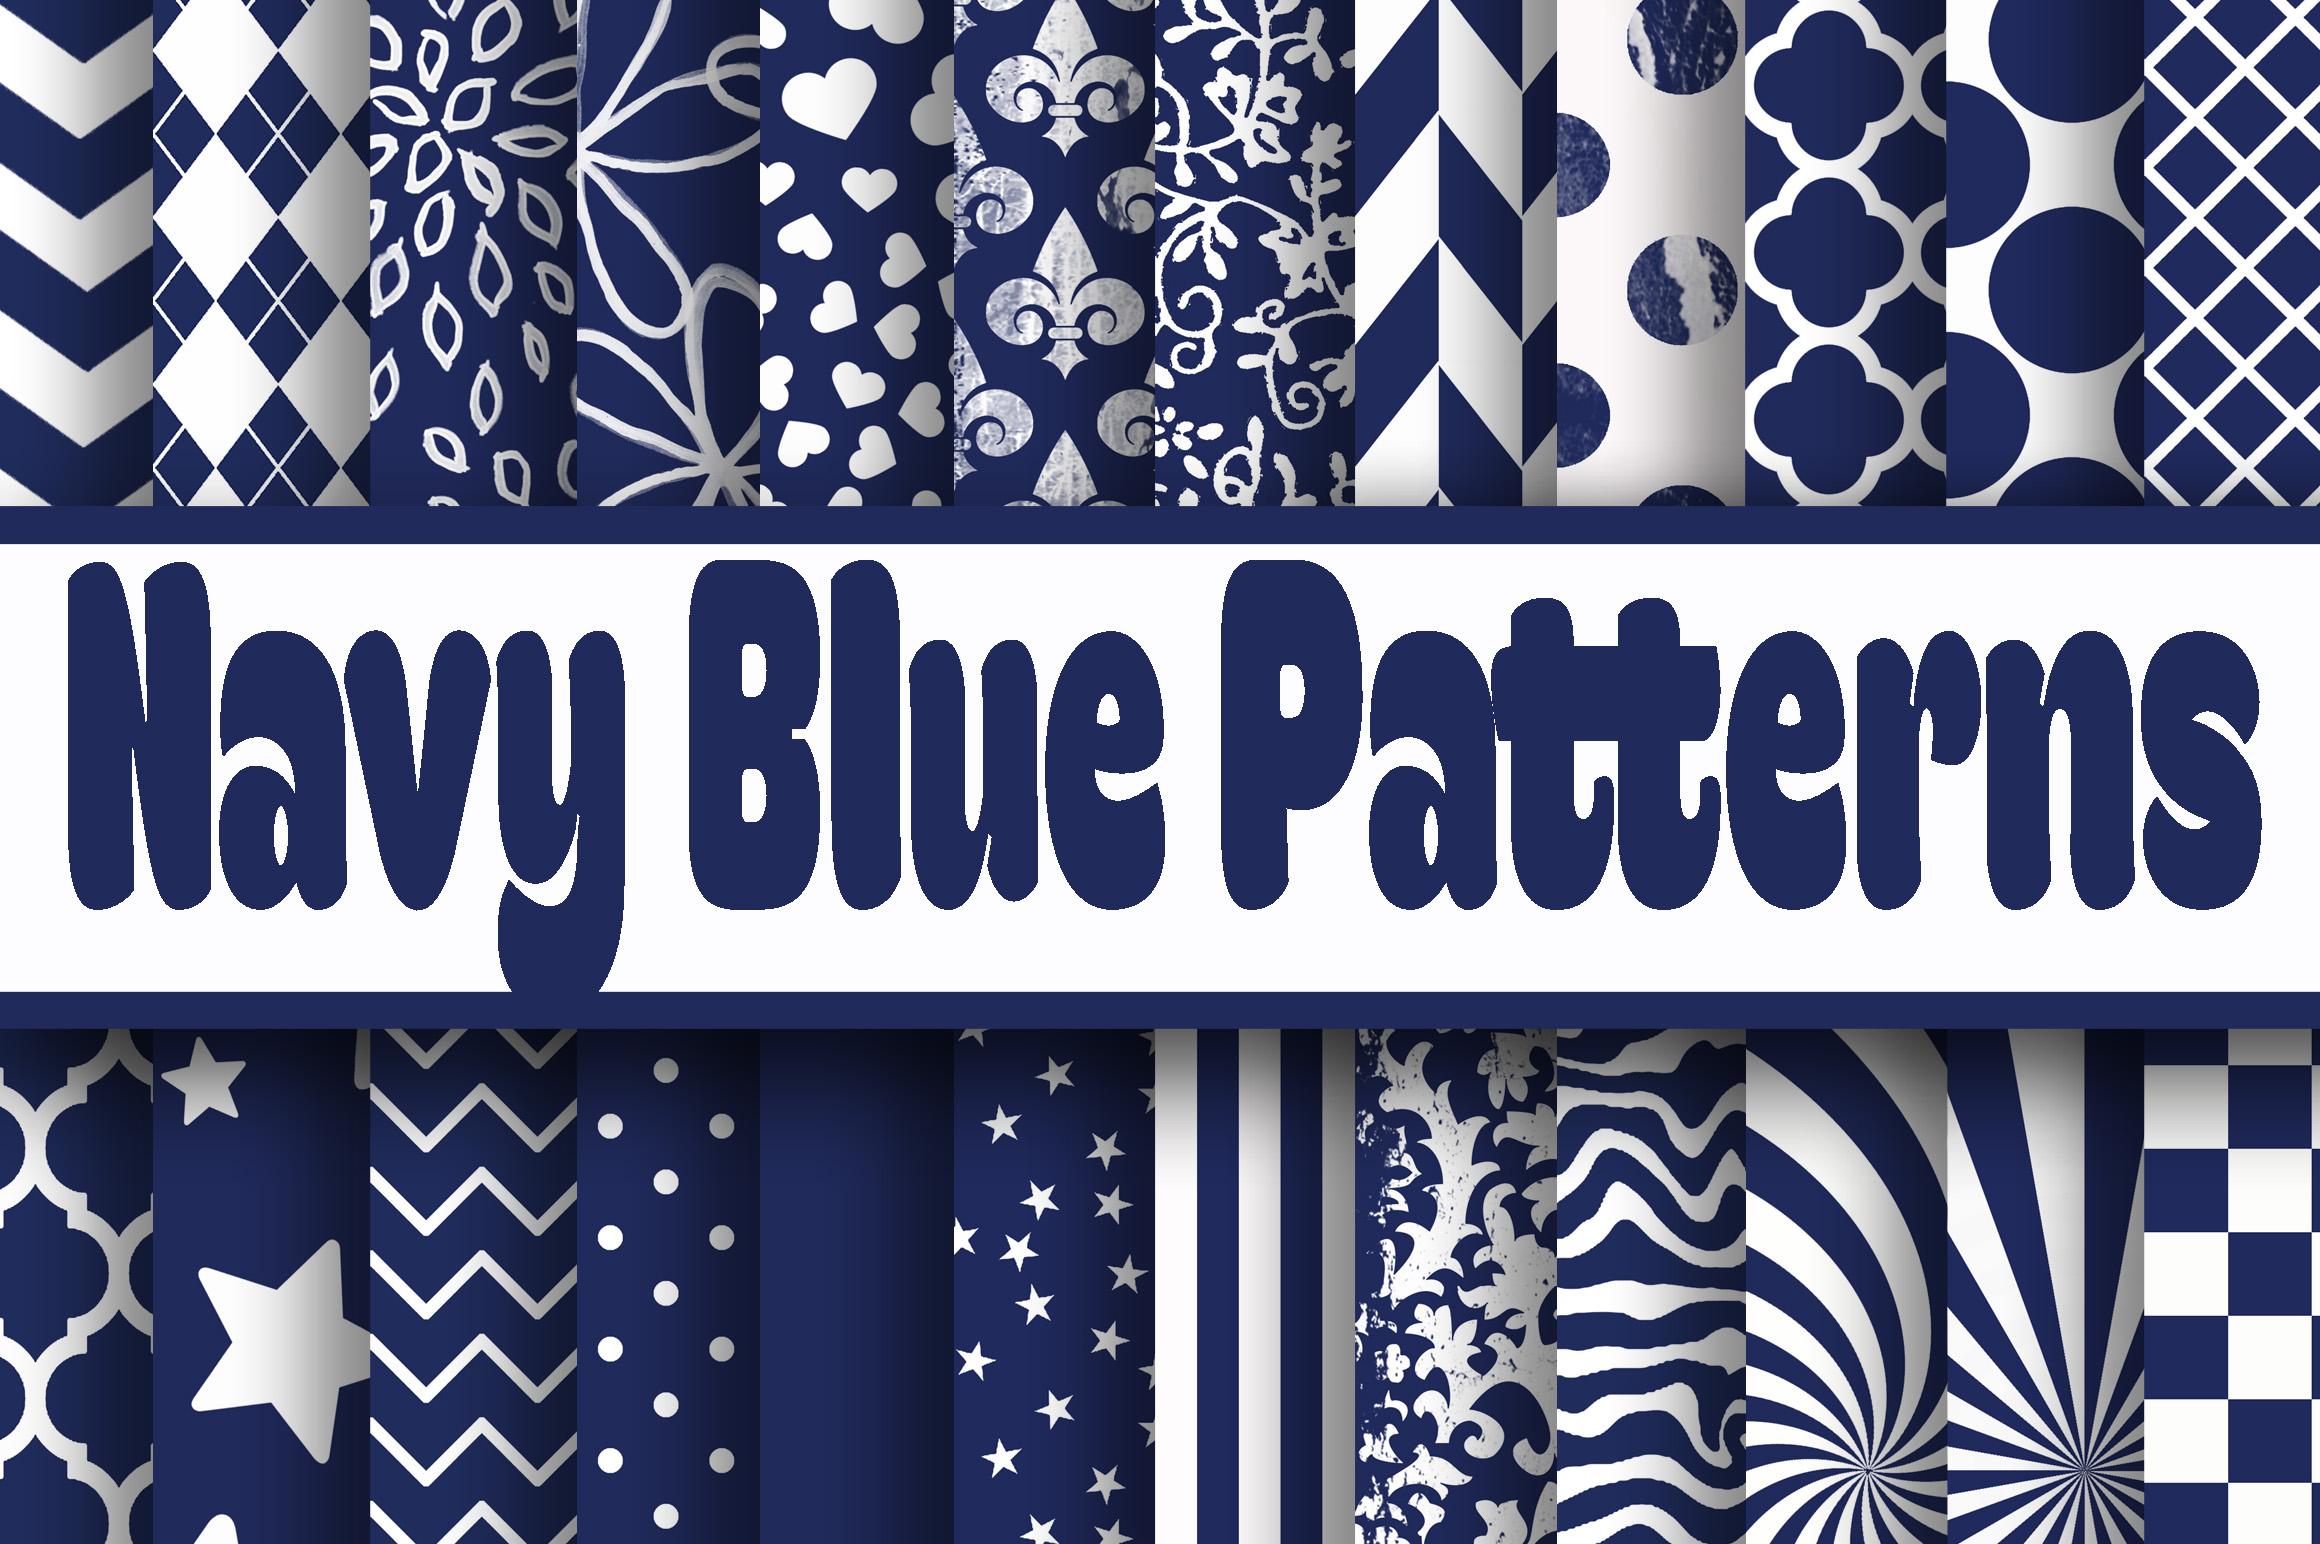 Navy Blue Patterns Digital Paper 37257 Backgrounds Design Bundles